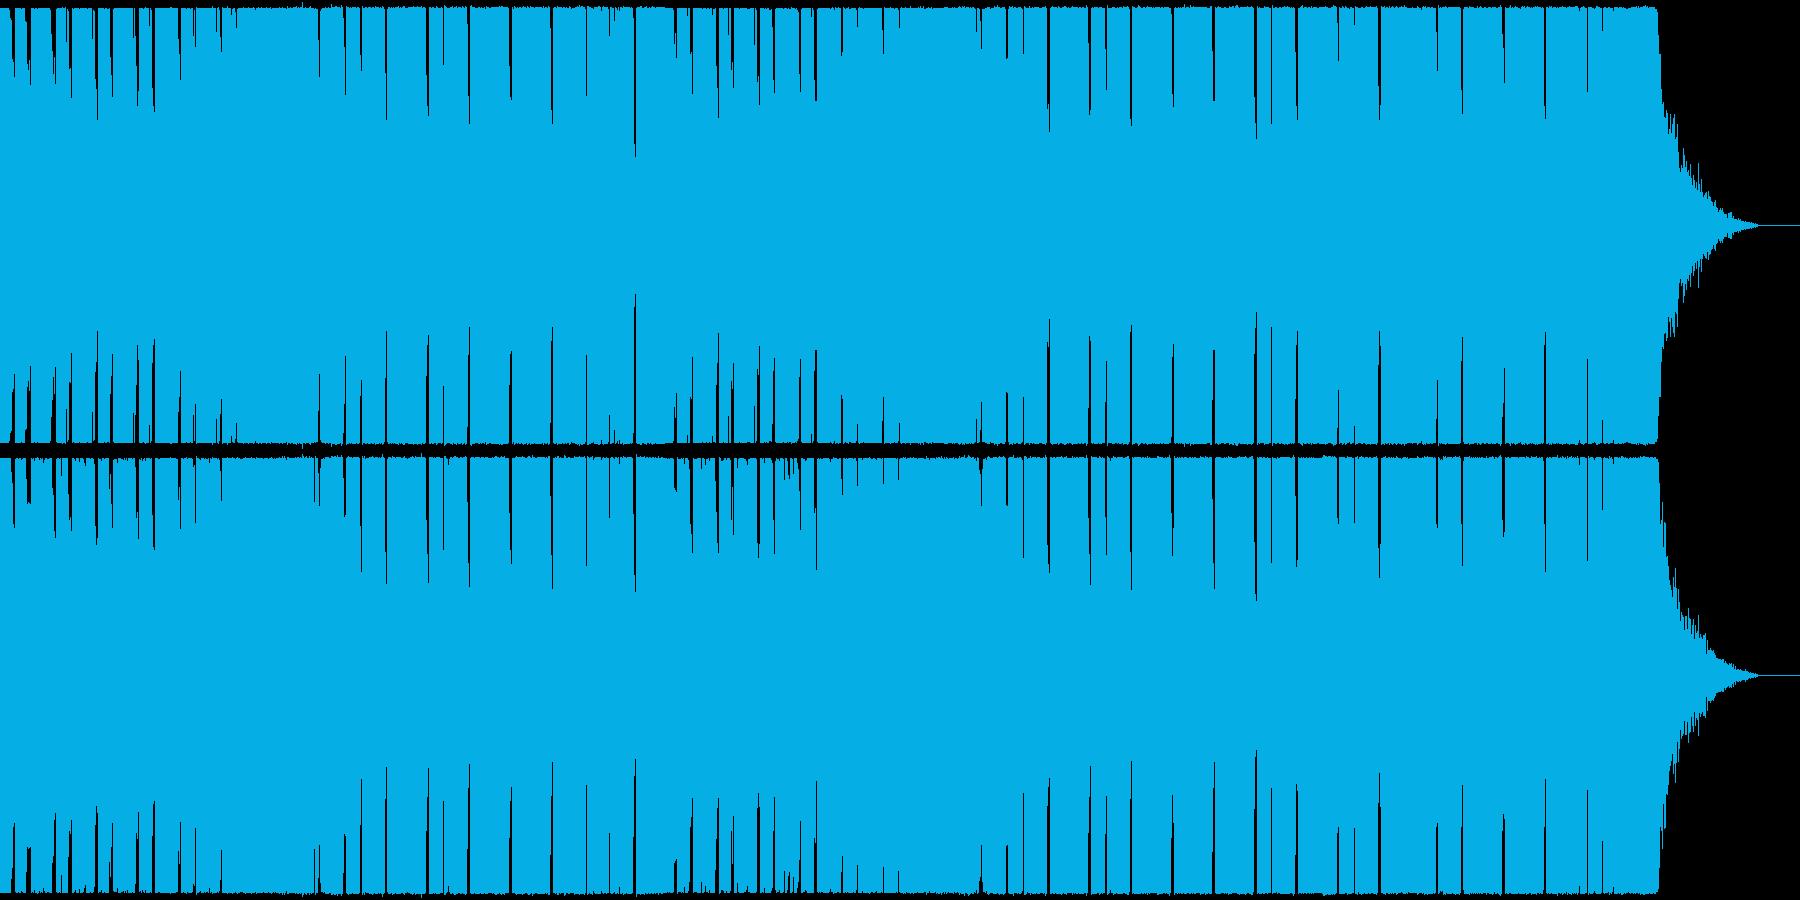 軽快で弾むようなシンセのポップなEDMの再生済みの波形